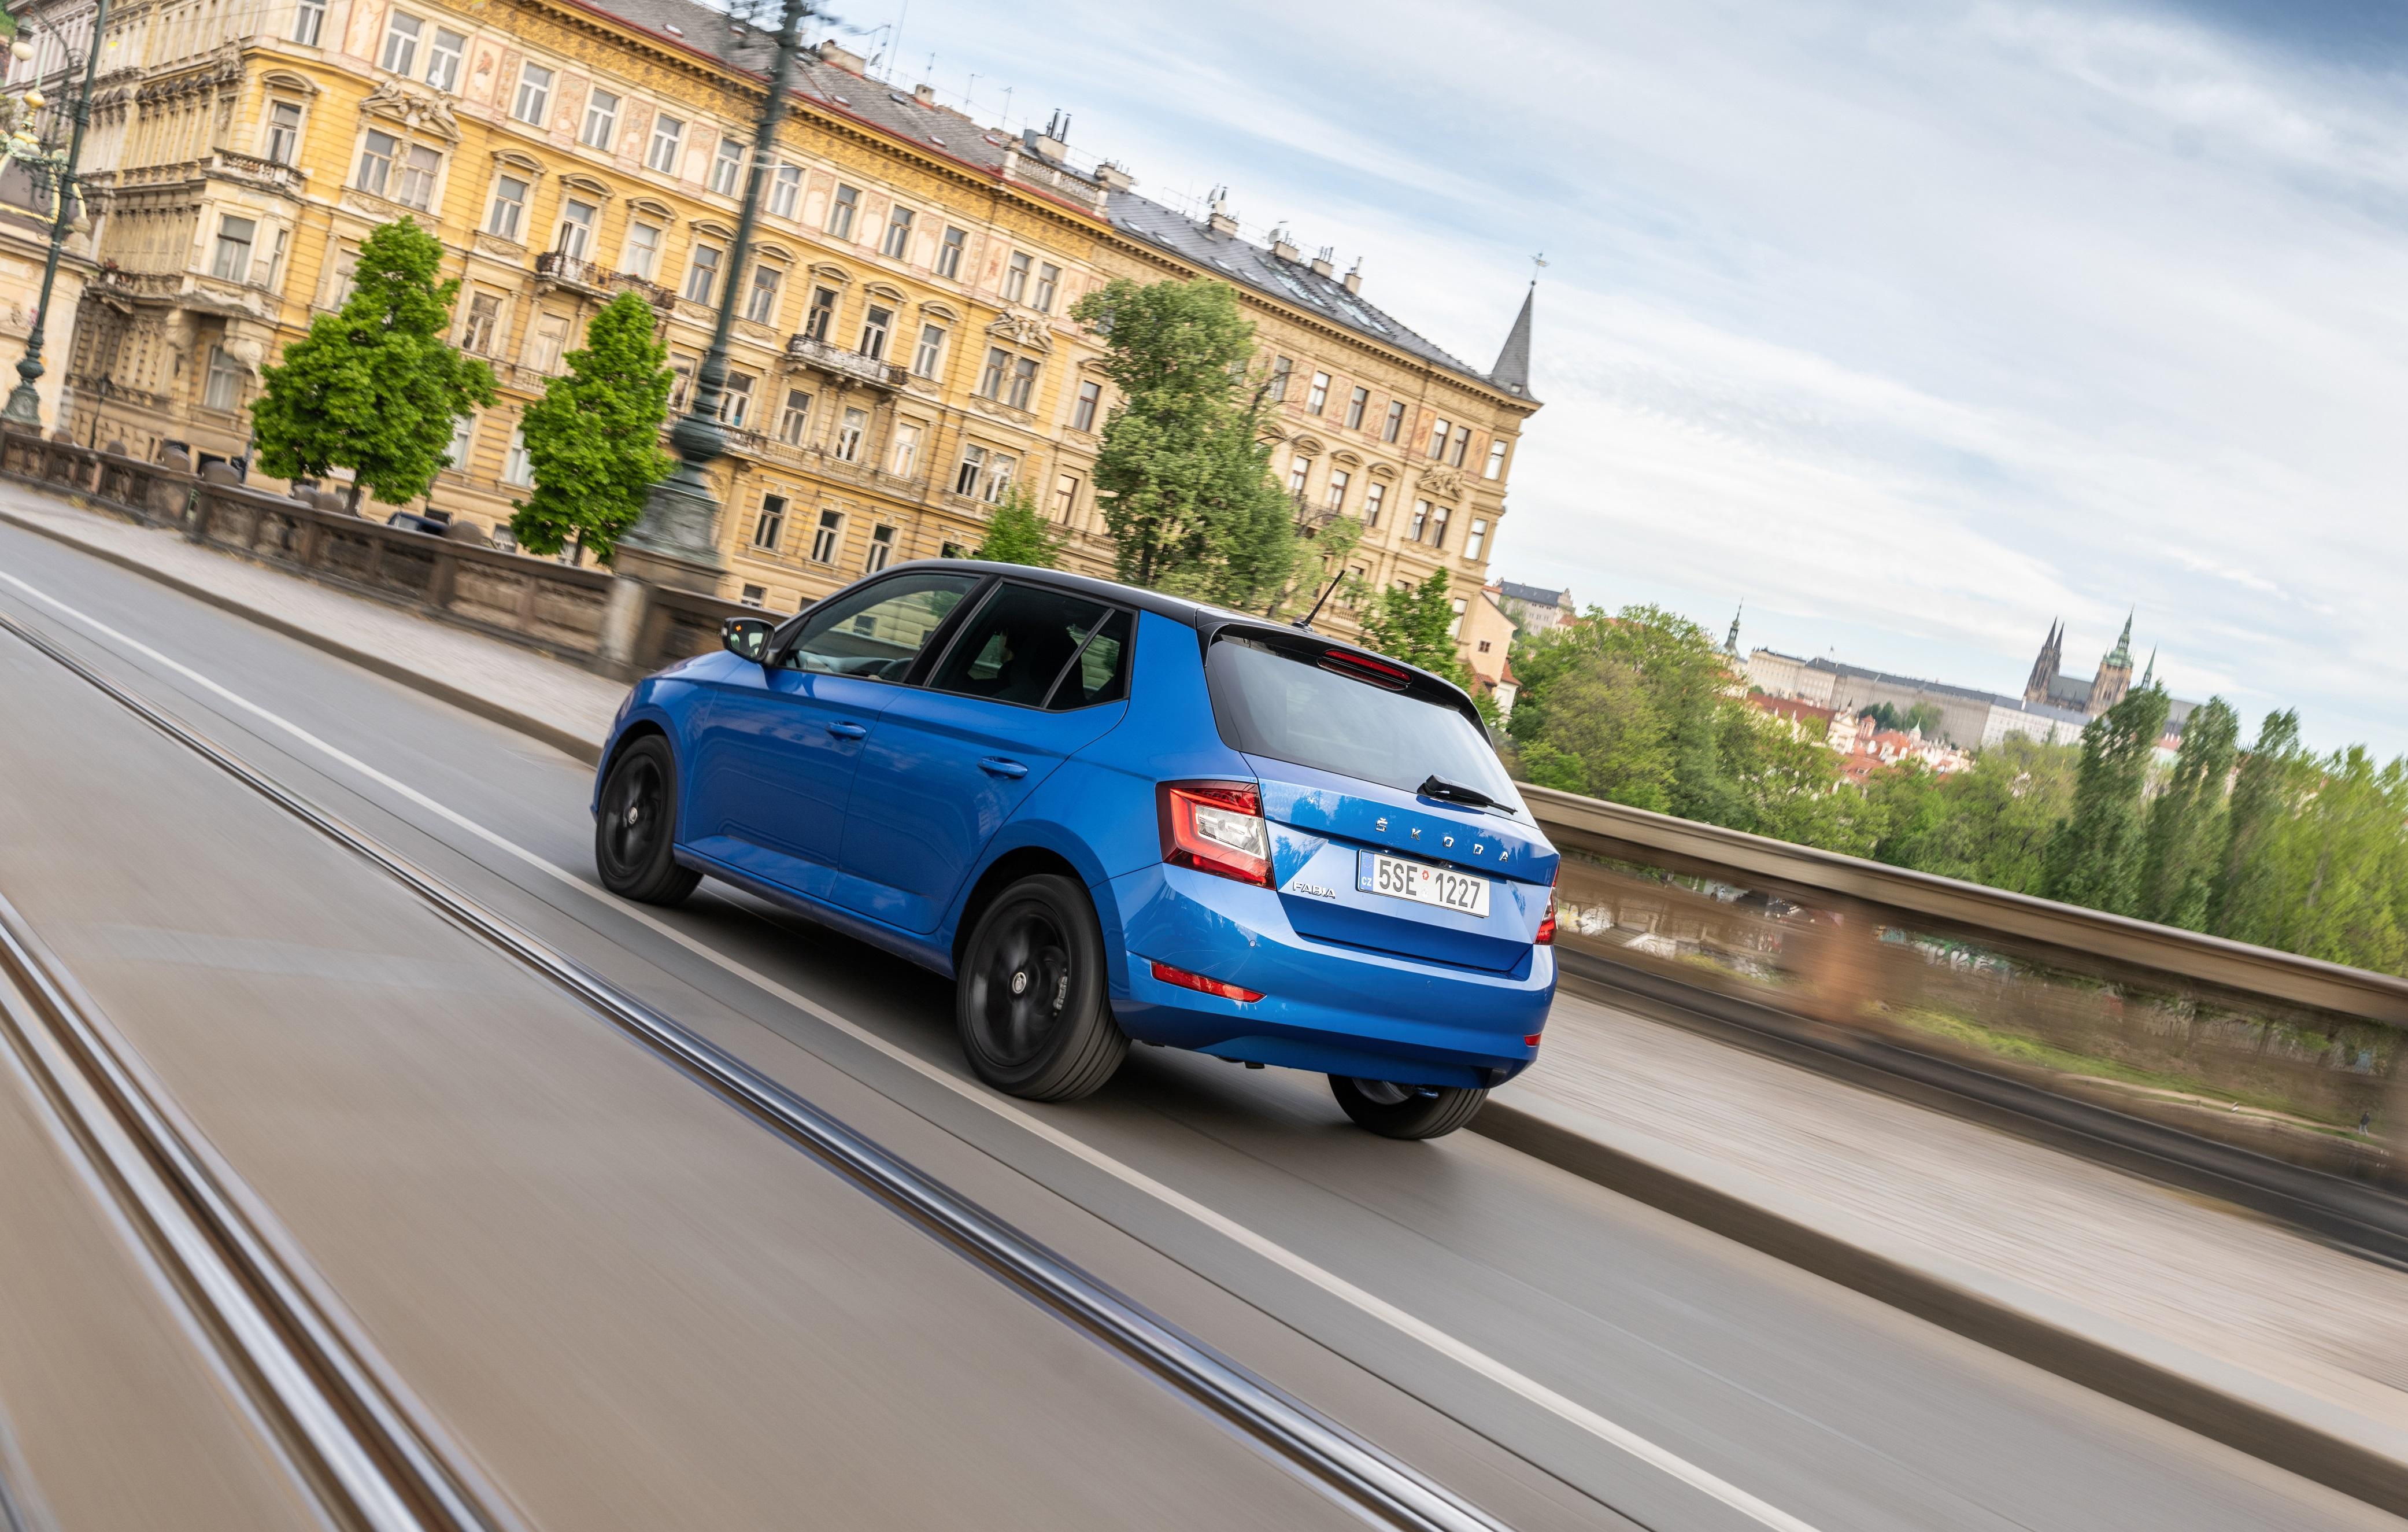 Generálna modernizácia: Škoda vylepší celý zástup modelov po vzore Octavie